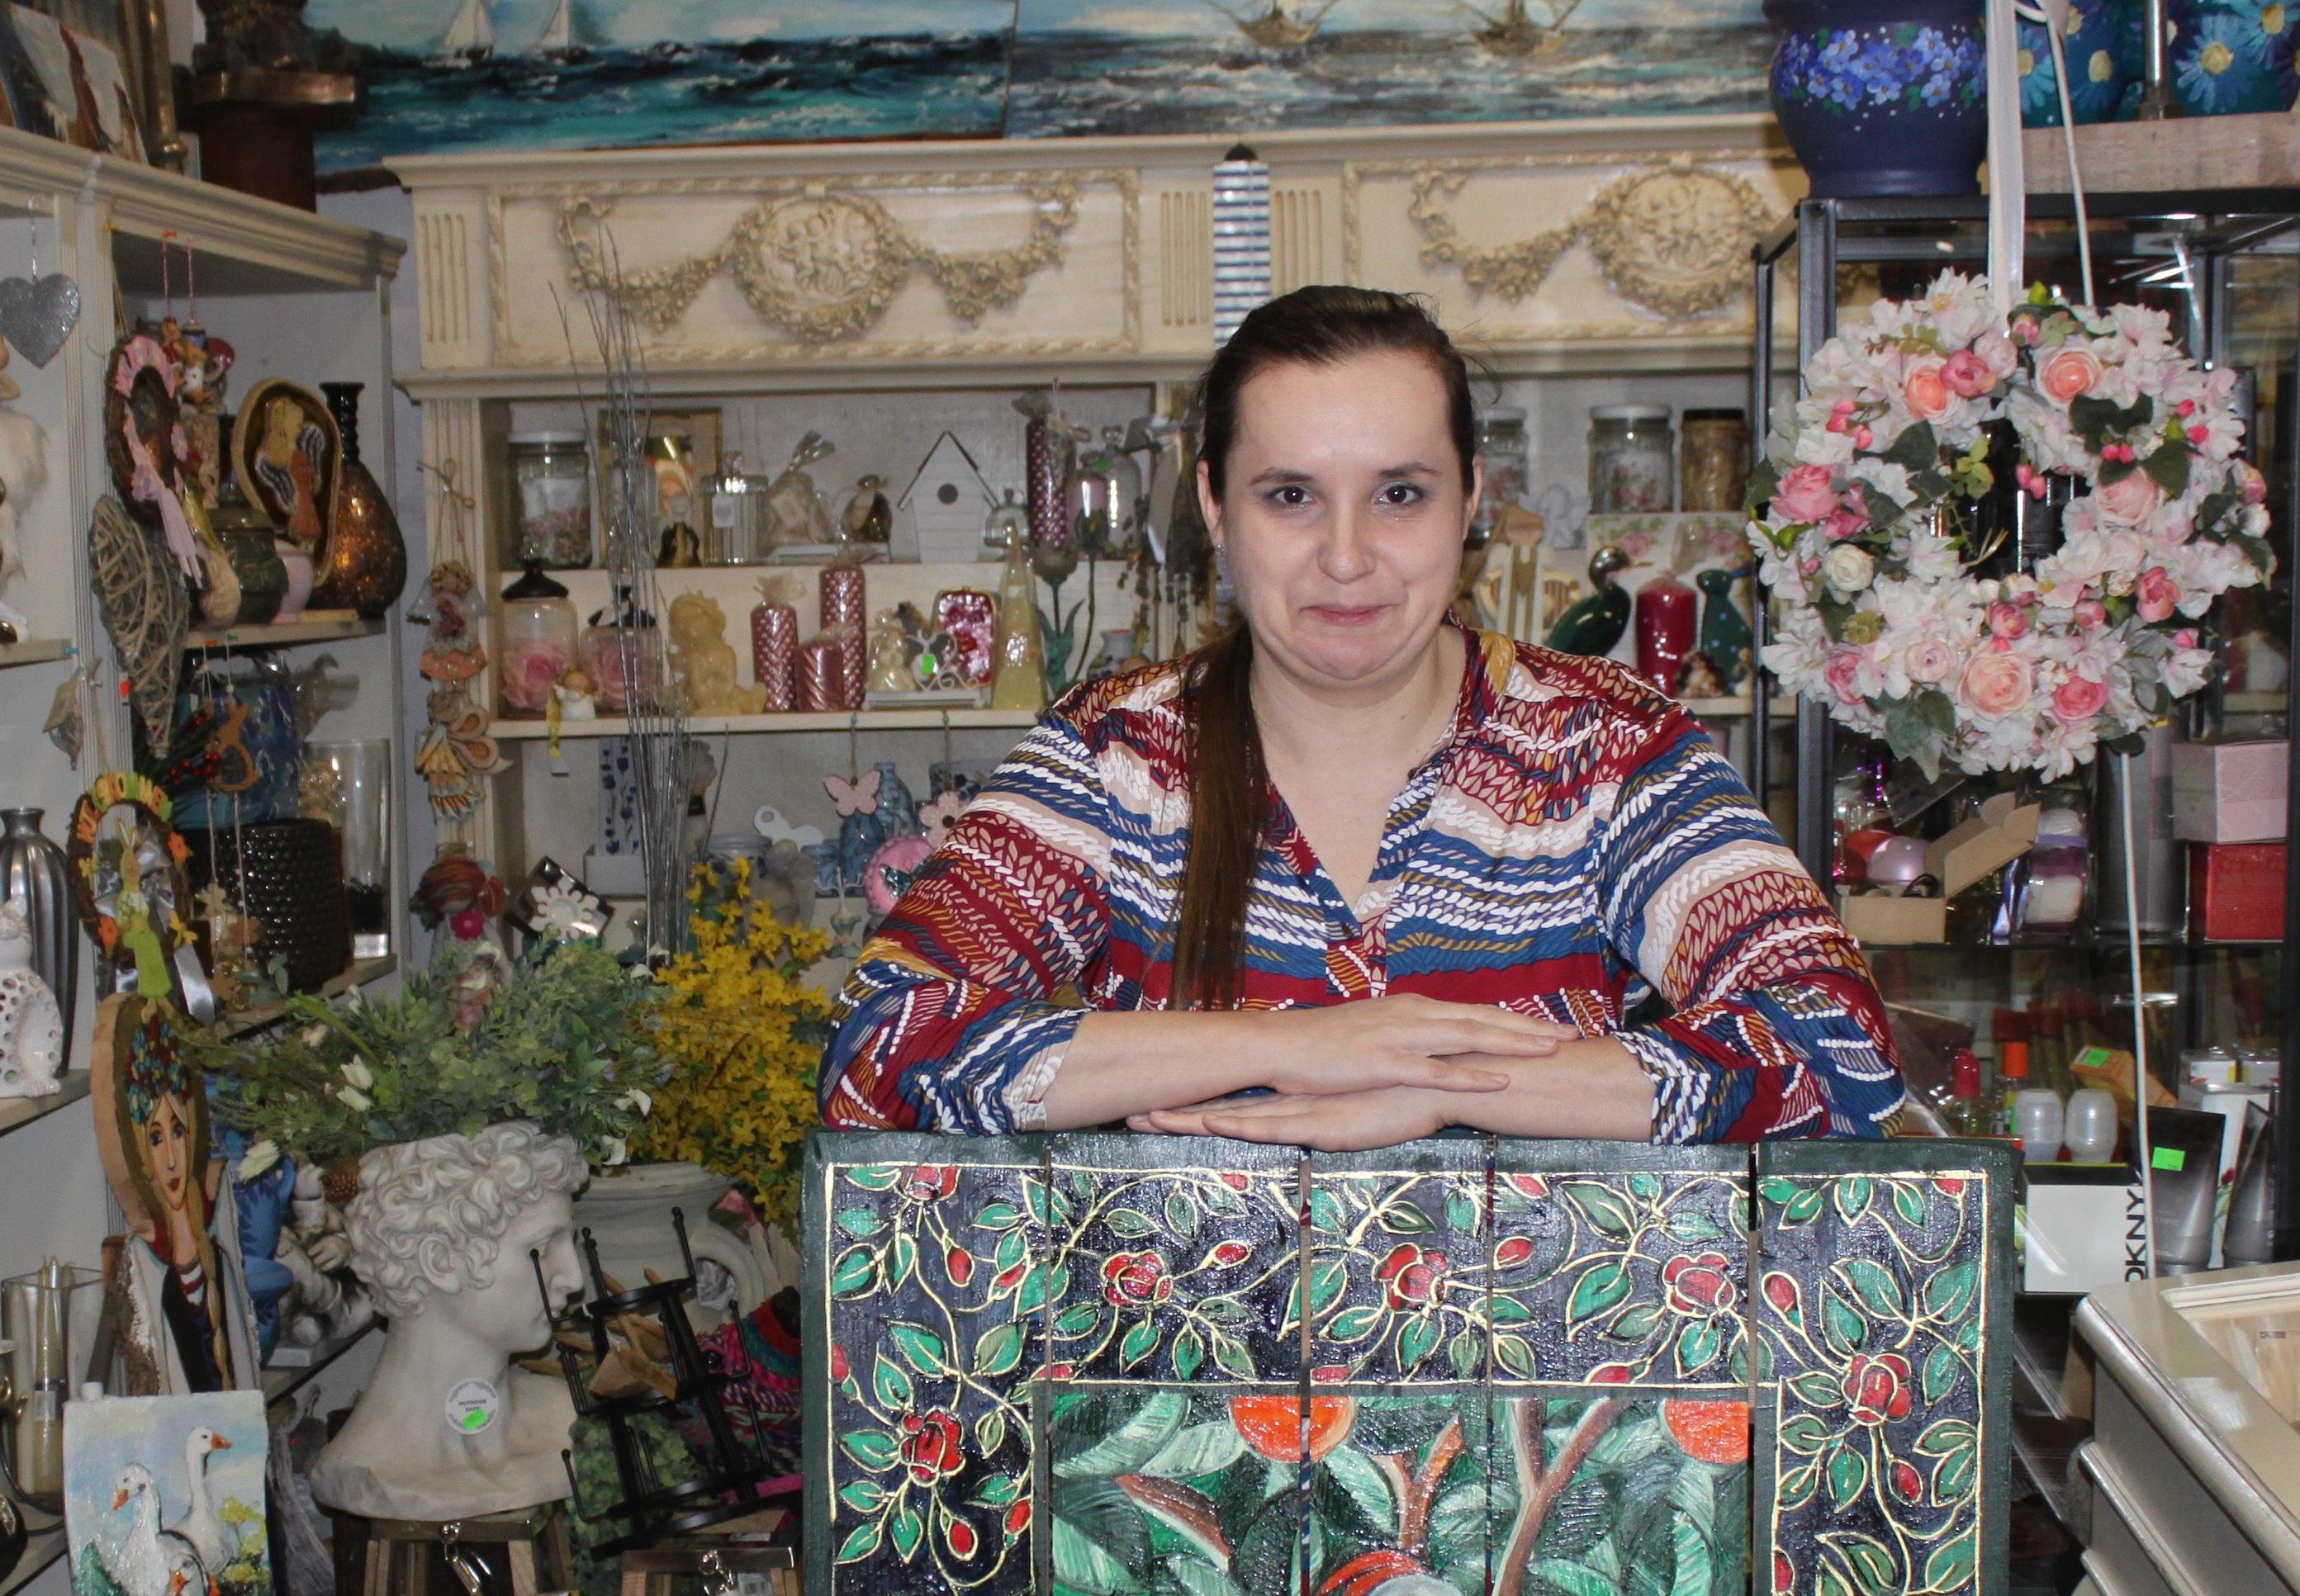 Prace Sylwii Osińskiej z Kolonii Obory. Artystyczne cuda za wyjątkowym płotem, pod opieką Maryi  - Zdjęcie główne